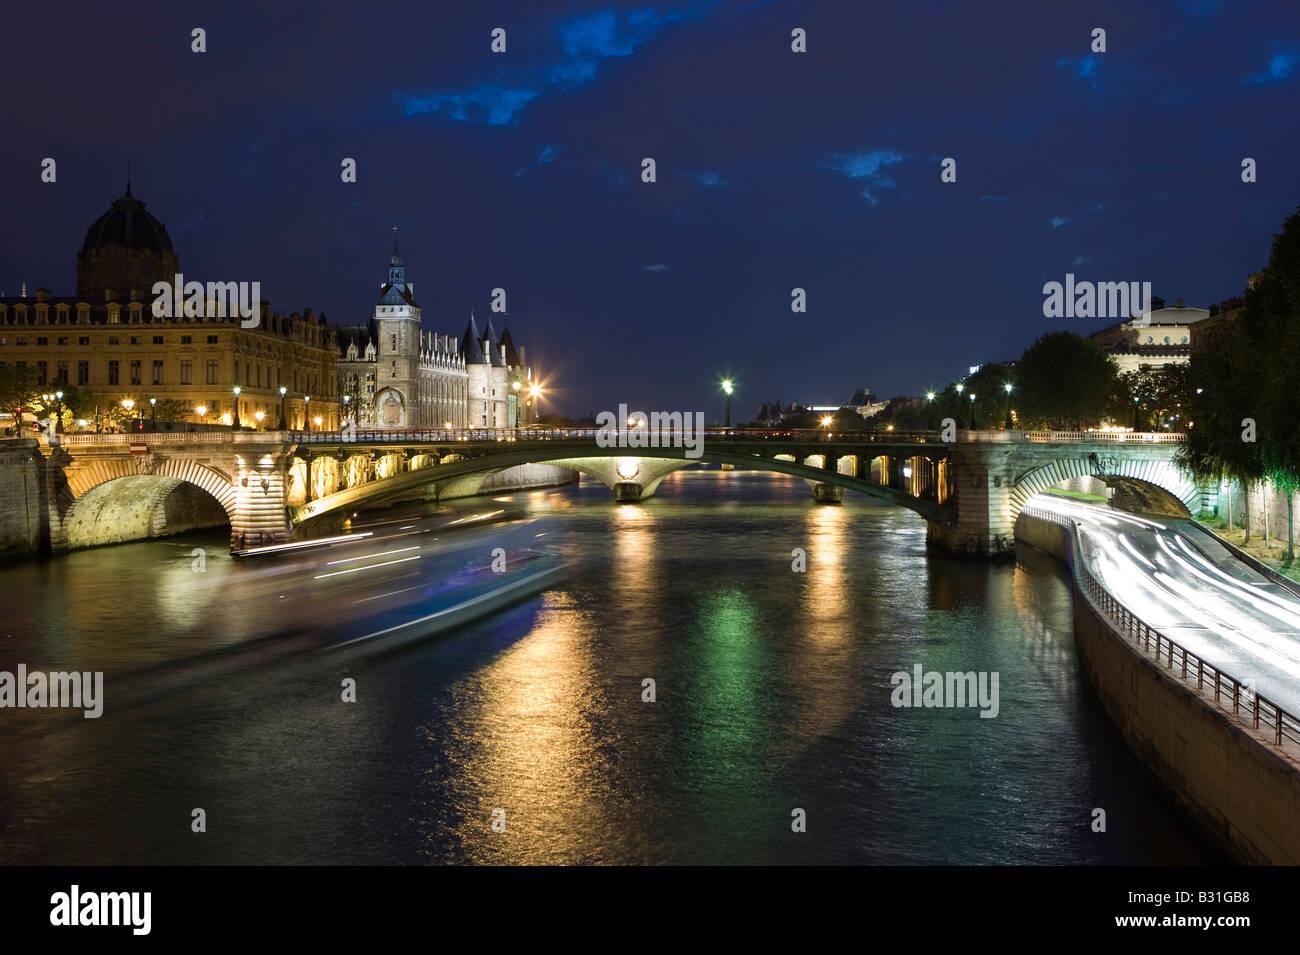 River Seine with the bridge Pont Notre Dame at the left side Ile de la Cite with the Palais de Justice and the Conciergerie - Stock Image